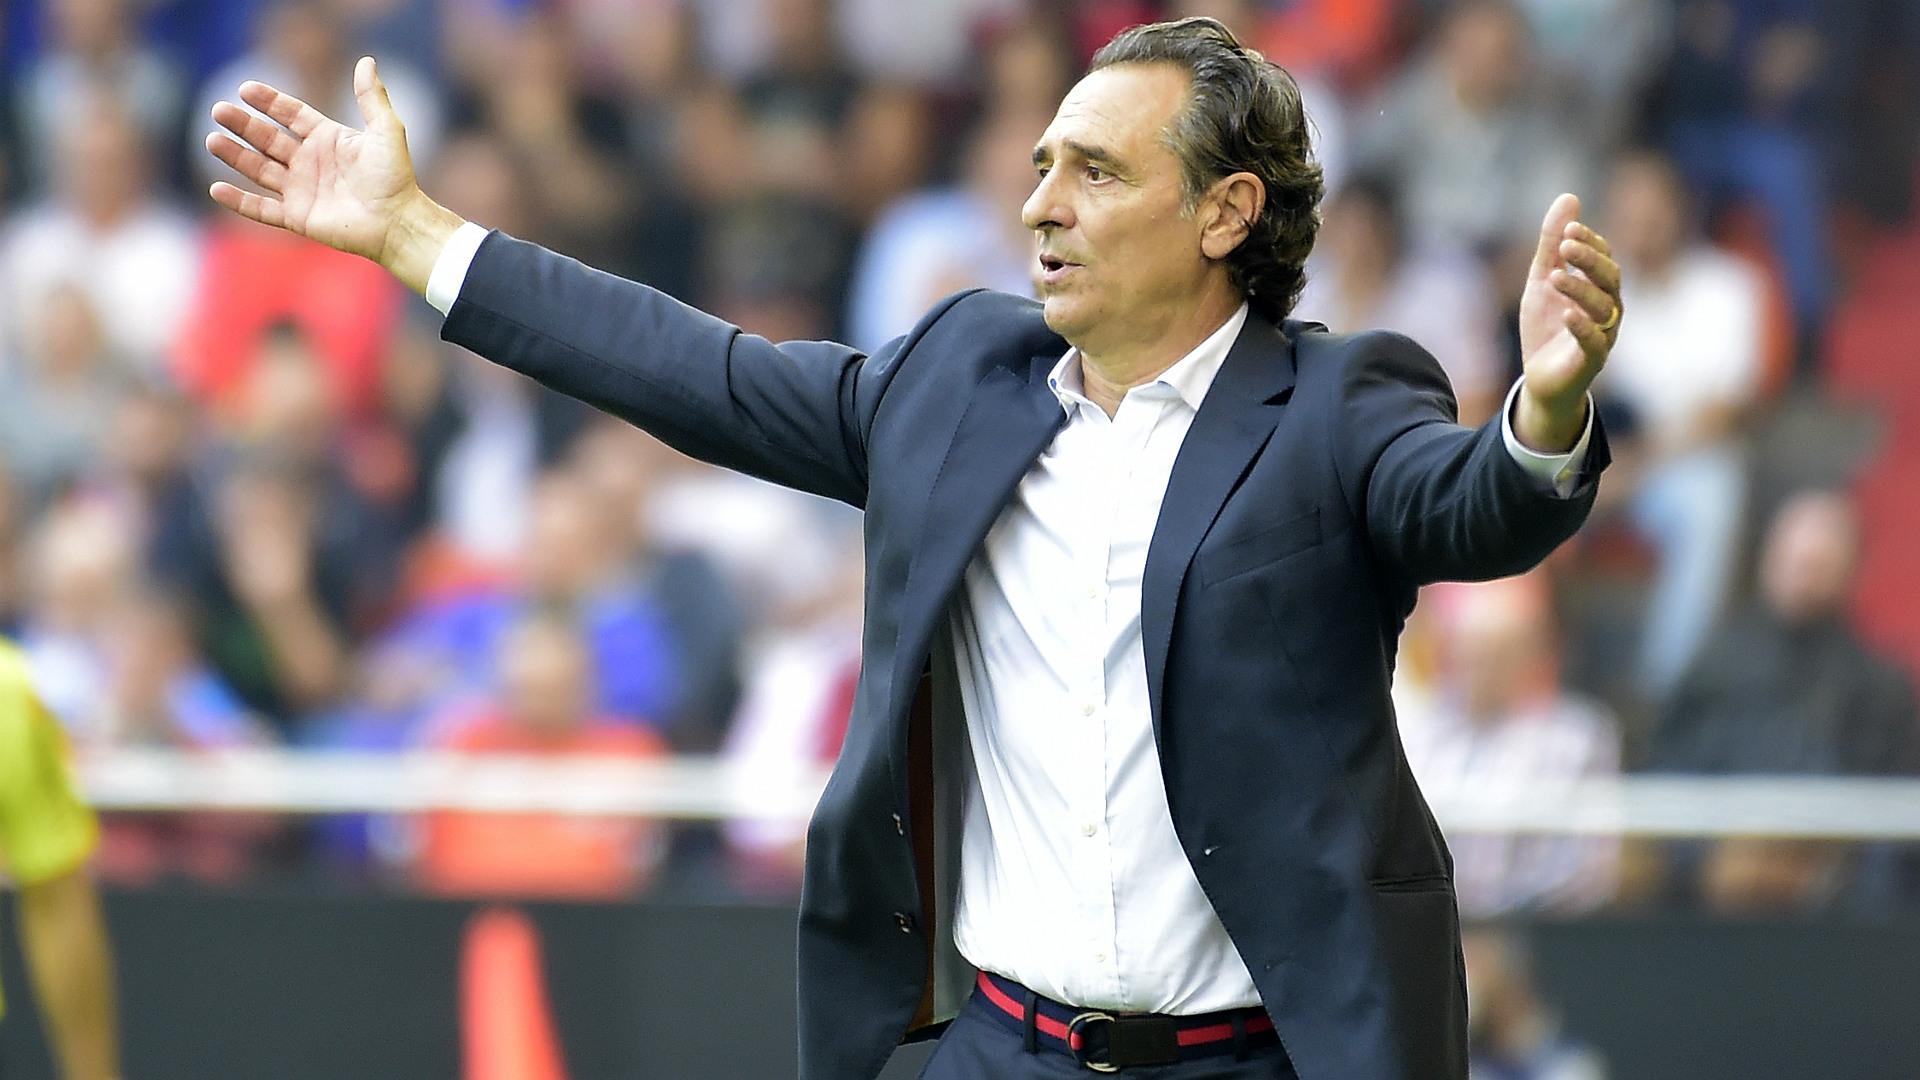 Ufficiale: Prandelli nuovo allenatore dell'Al Nasr